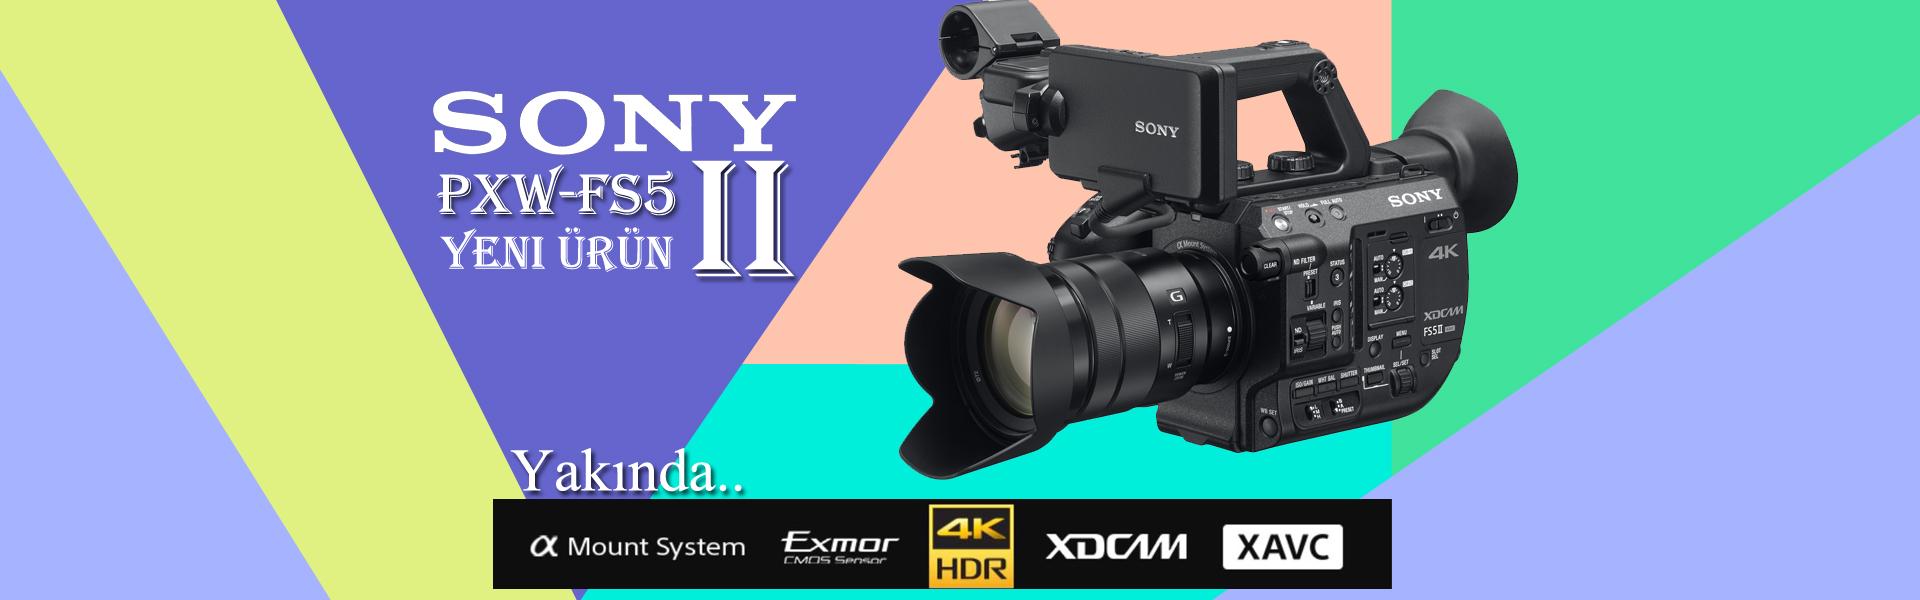 Sony-FS5-Slider-1